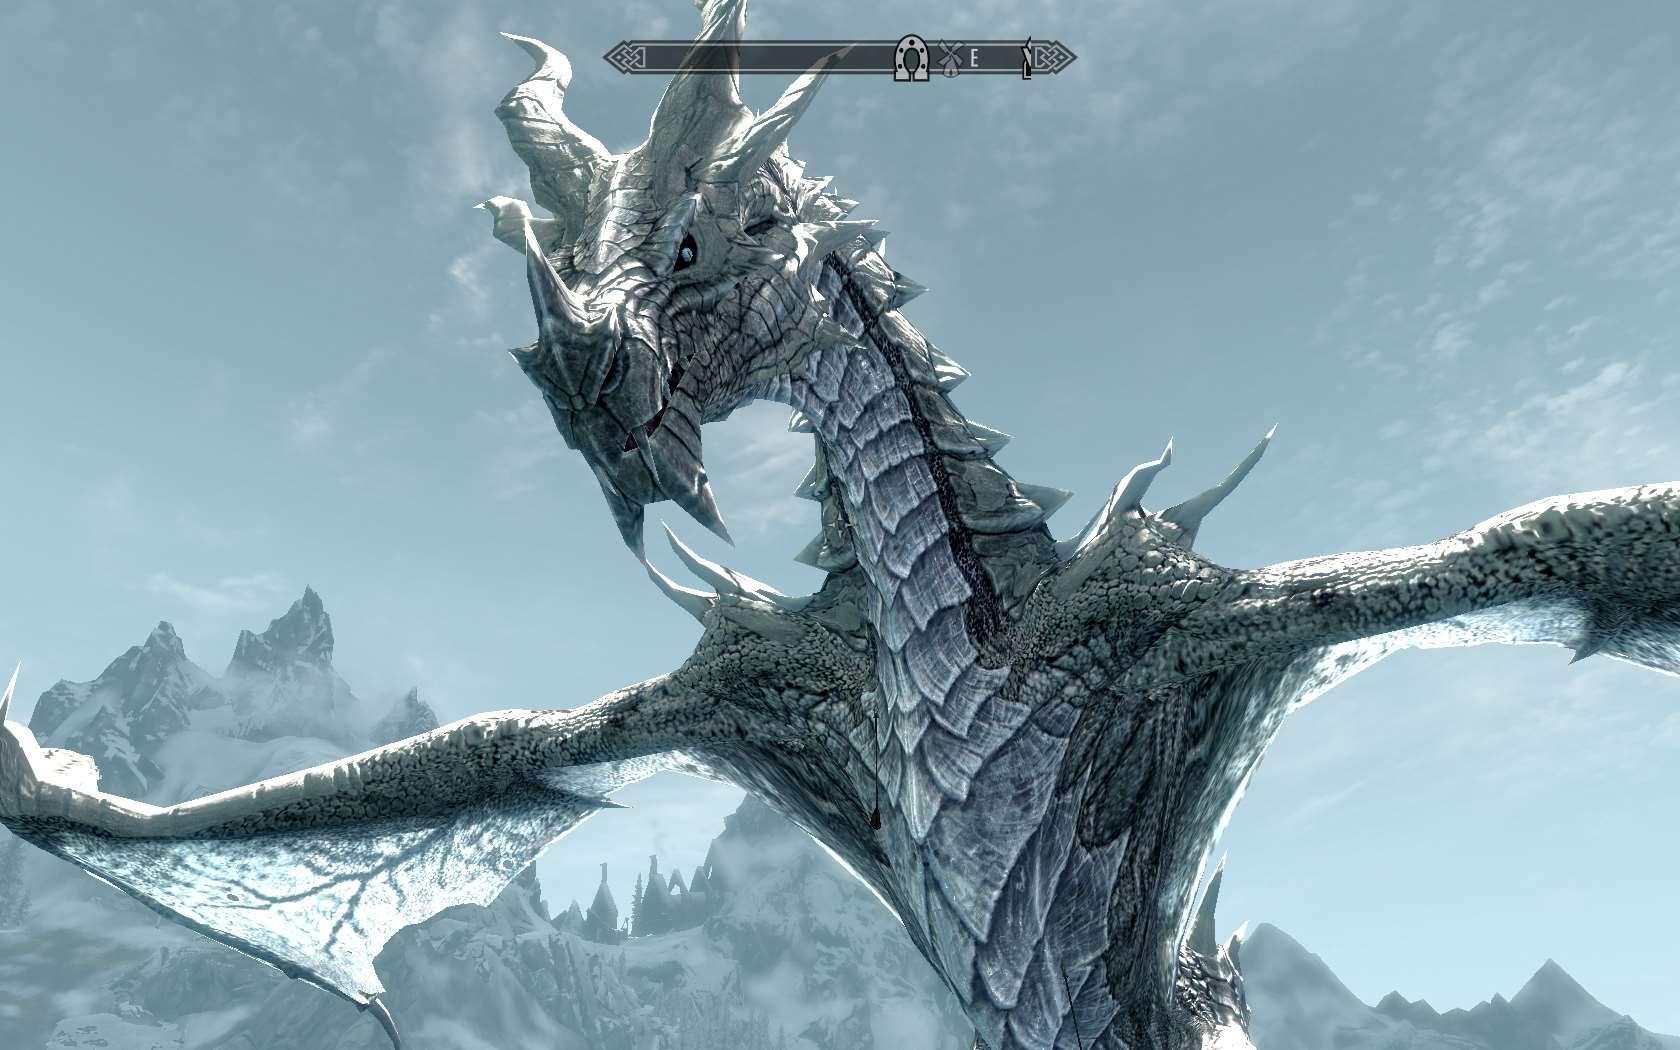 дракон скайрима картинки шляпу